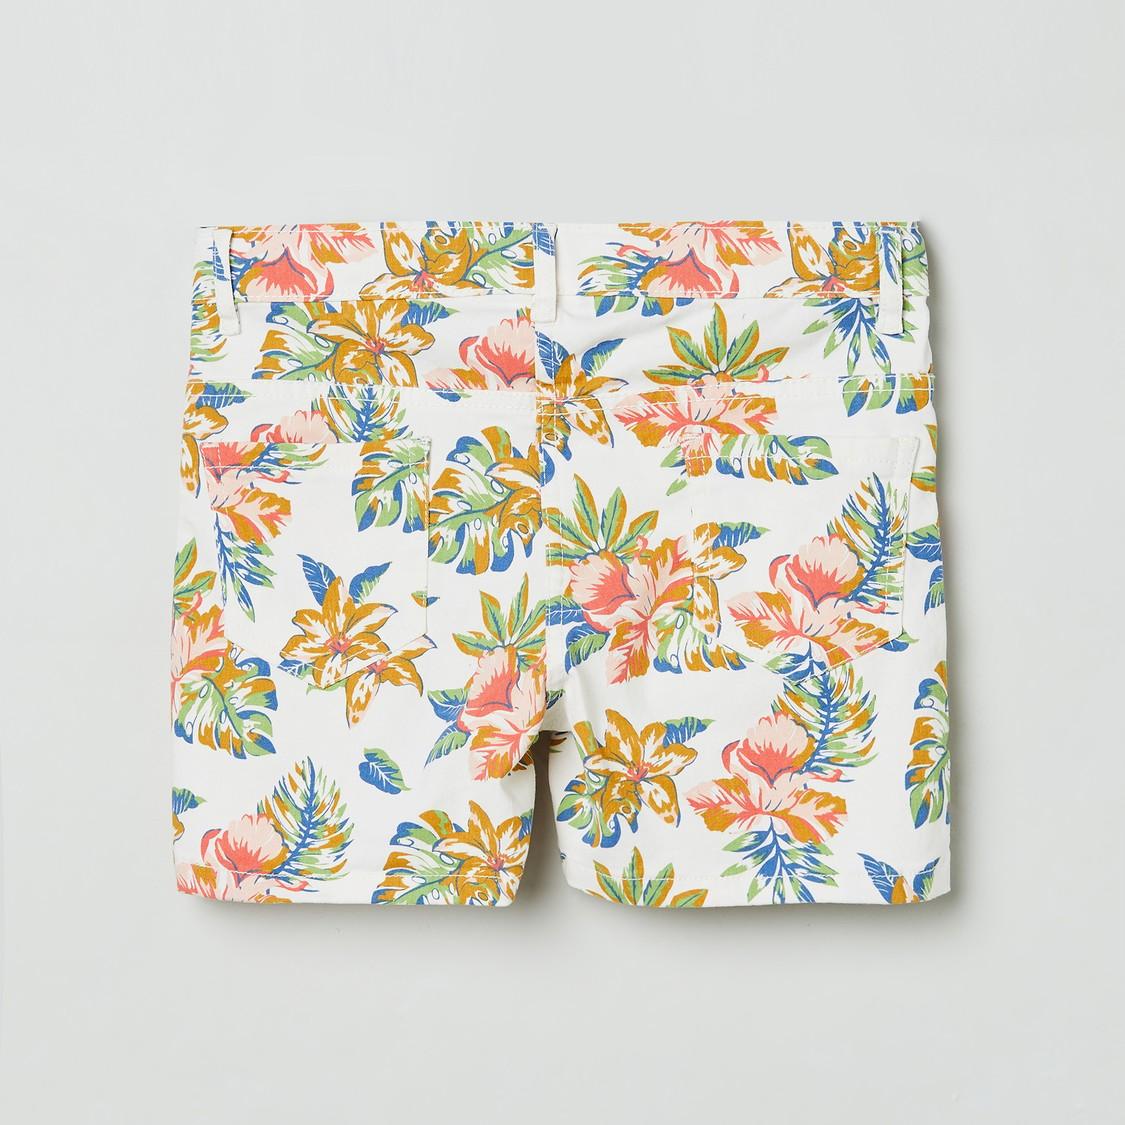 MAX Floral Printed Shorts